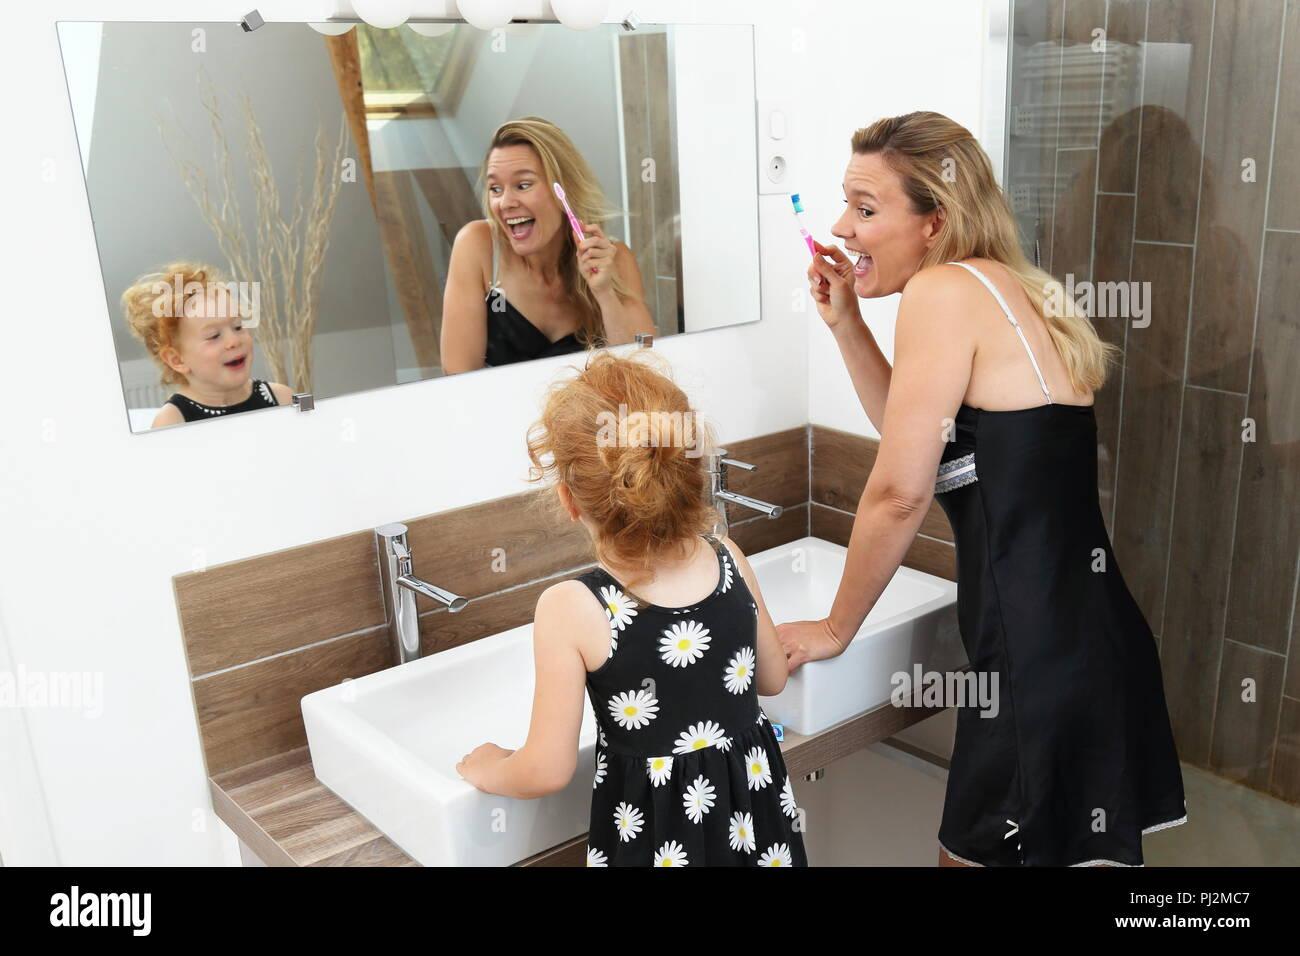 Madre e hija divertirse durante el cepillado de los dientes en un moderno cuarto de baño Imagen De Stock